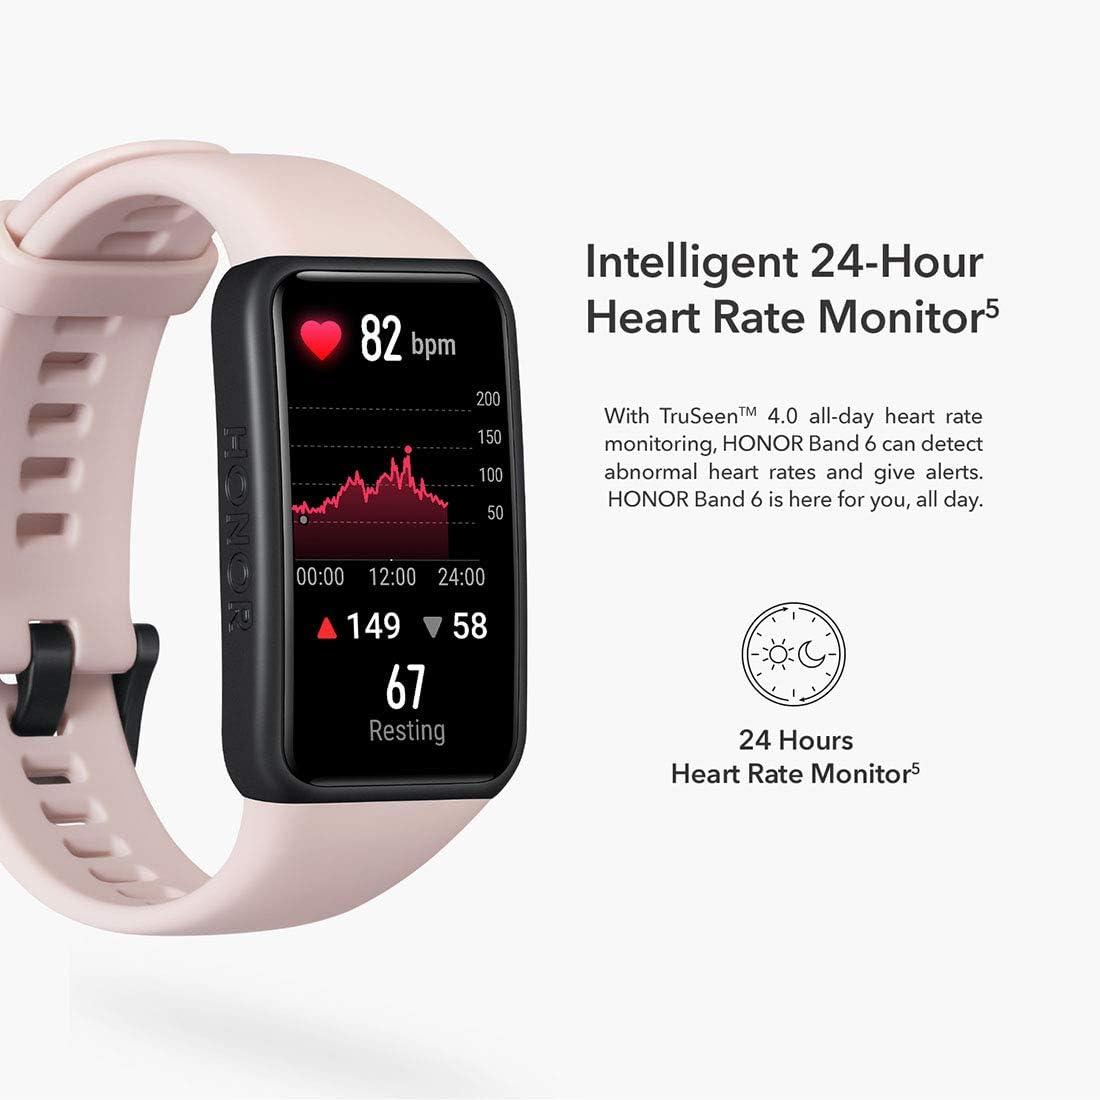 HONOR Band 6 Smartwatch Relojes Inteligentes Mujer Hombre, Monitoreo de SpO2 y frecuencia cardíaca Batería de 14 Días 1.47AMOLED Pulsera Monitores ...